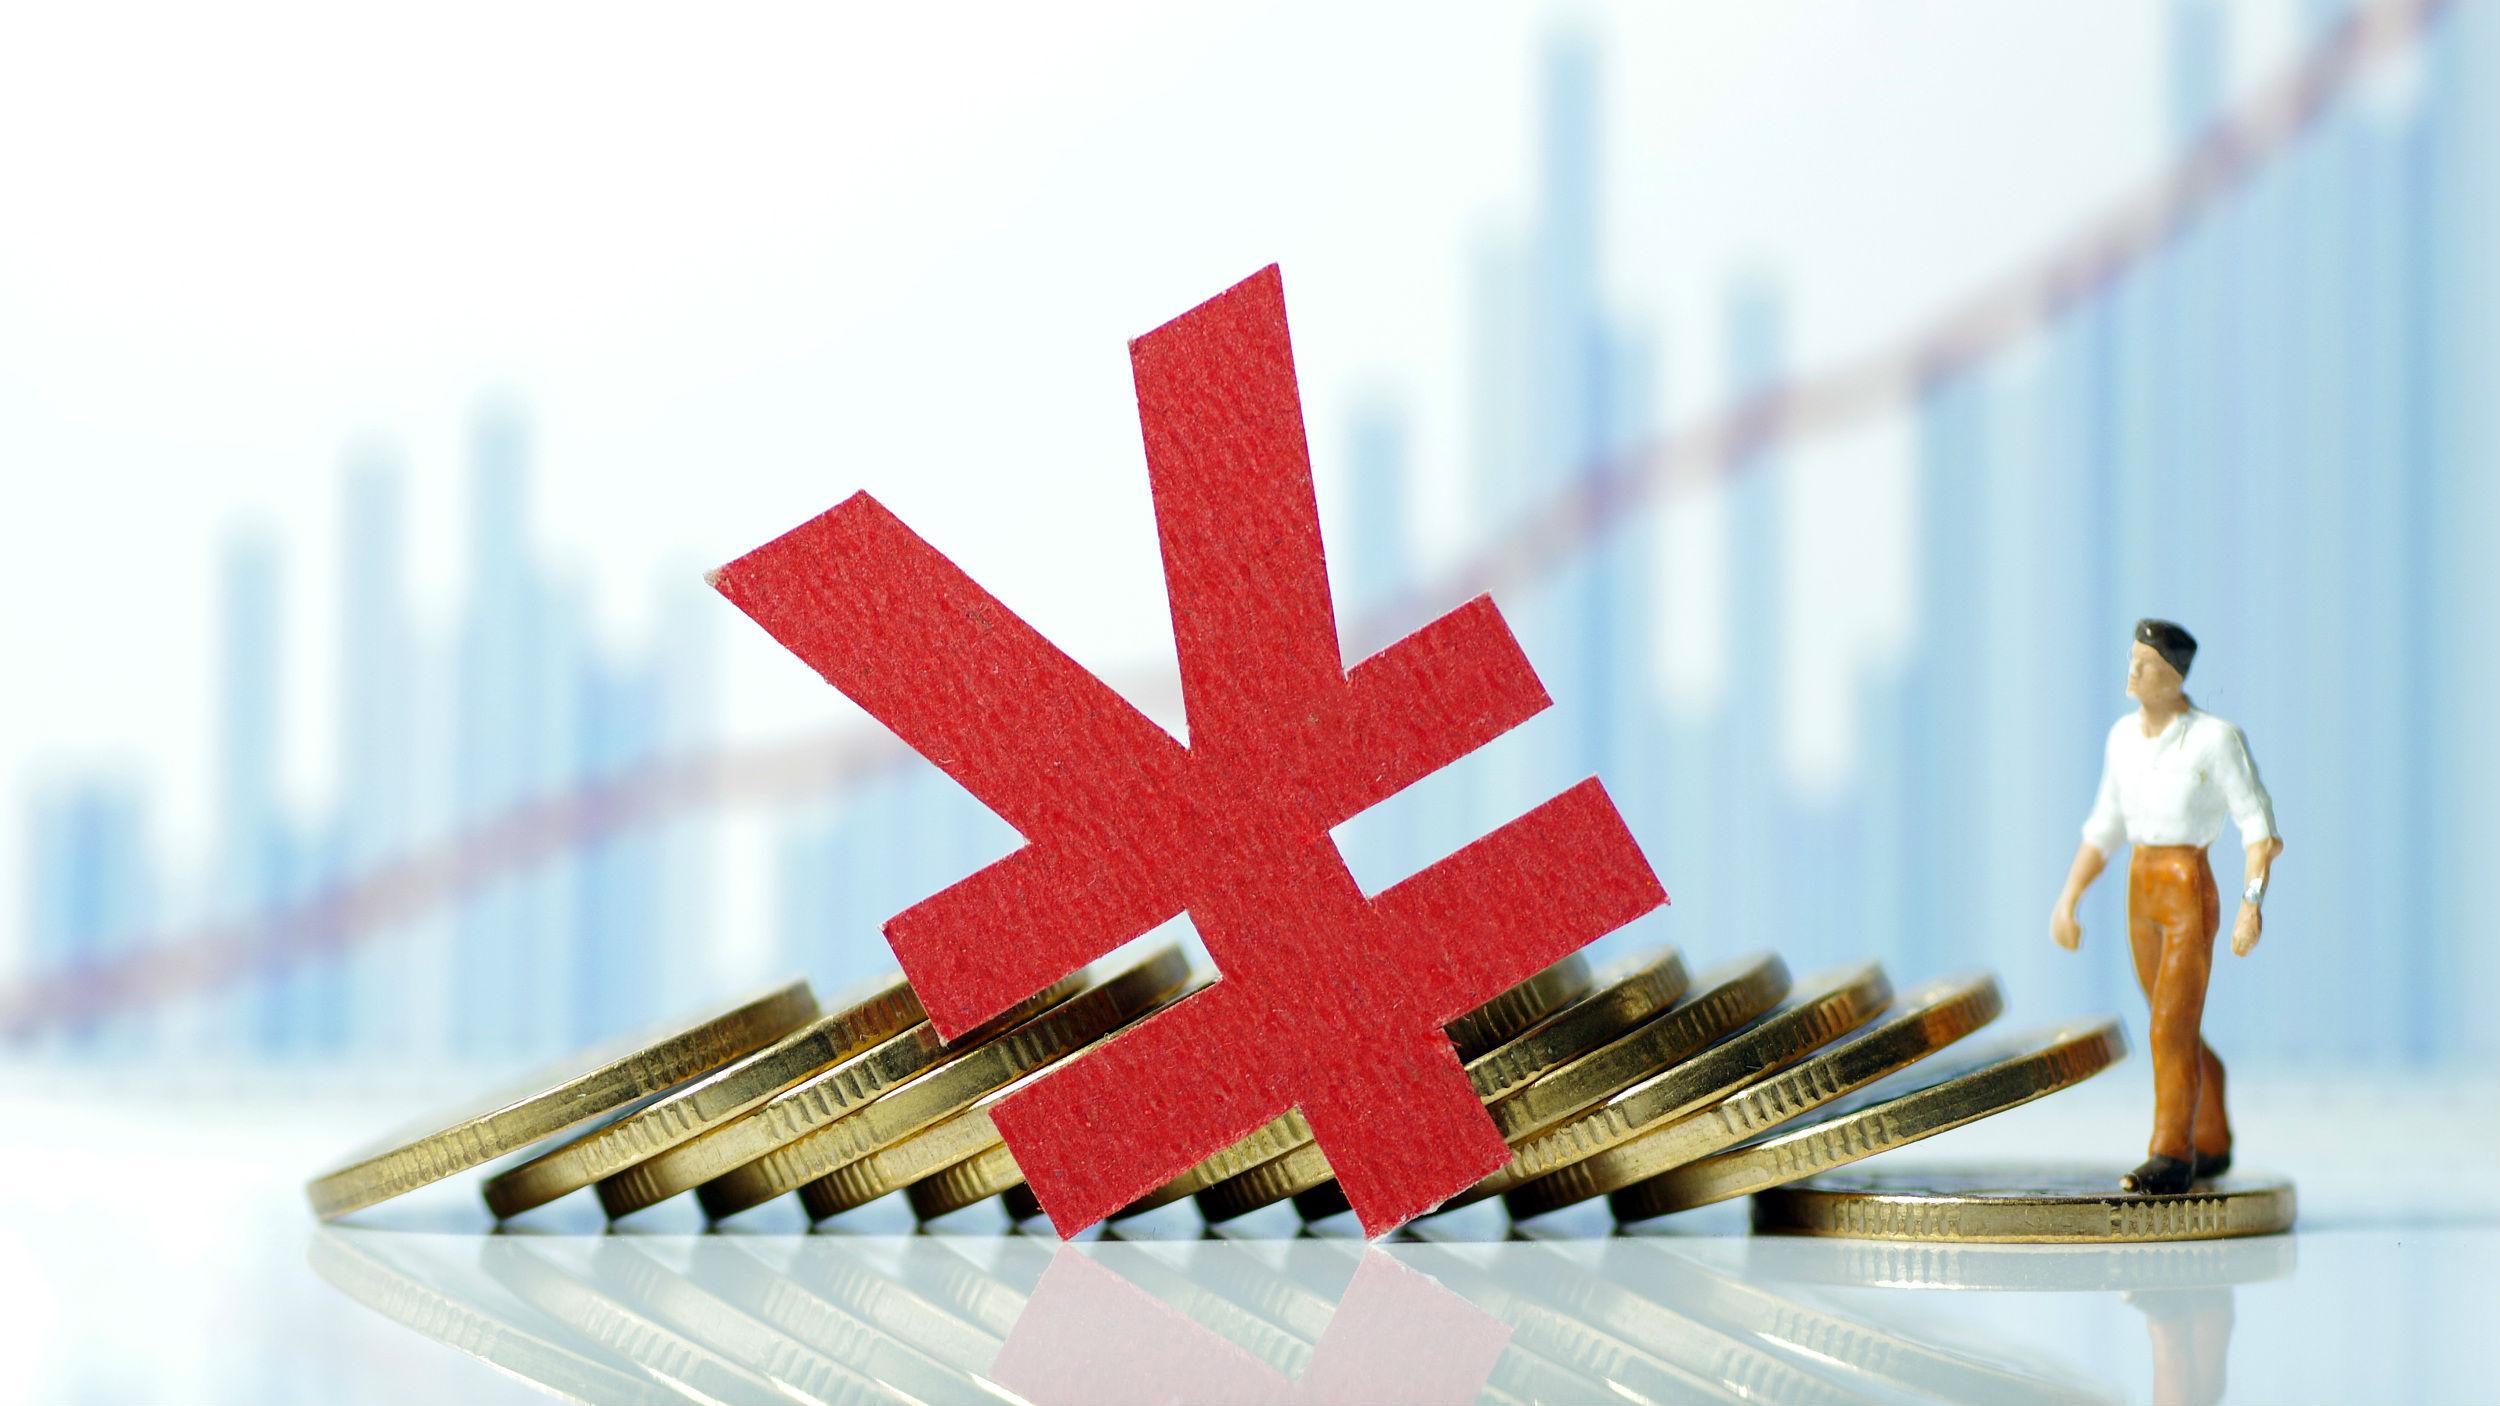 中国为人民币国际化做准备 外媒:五年后或成世界主导货币